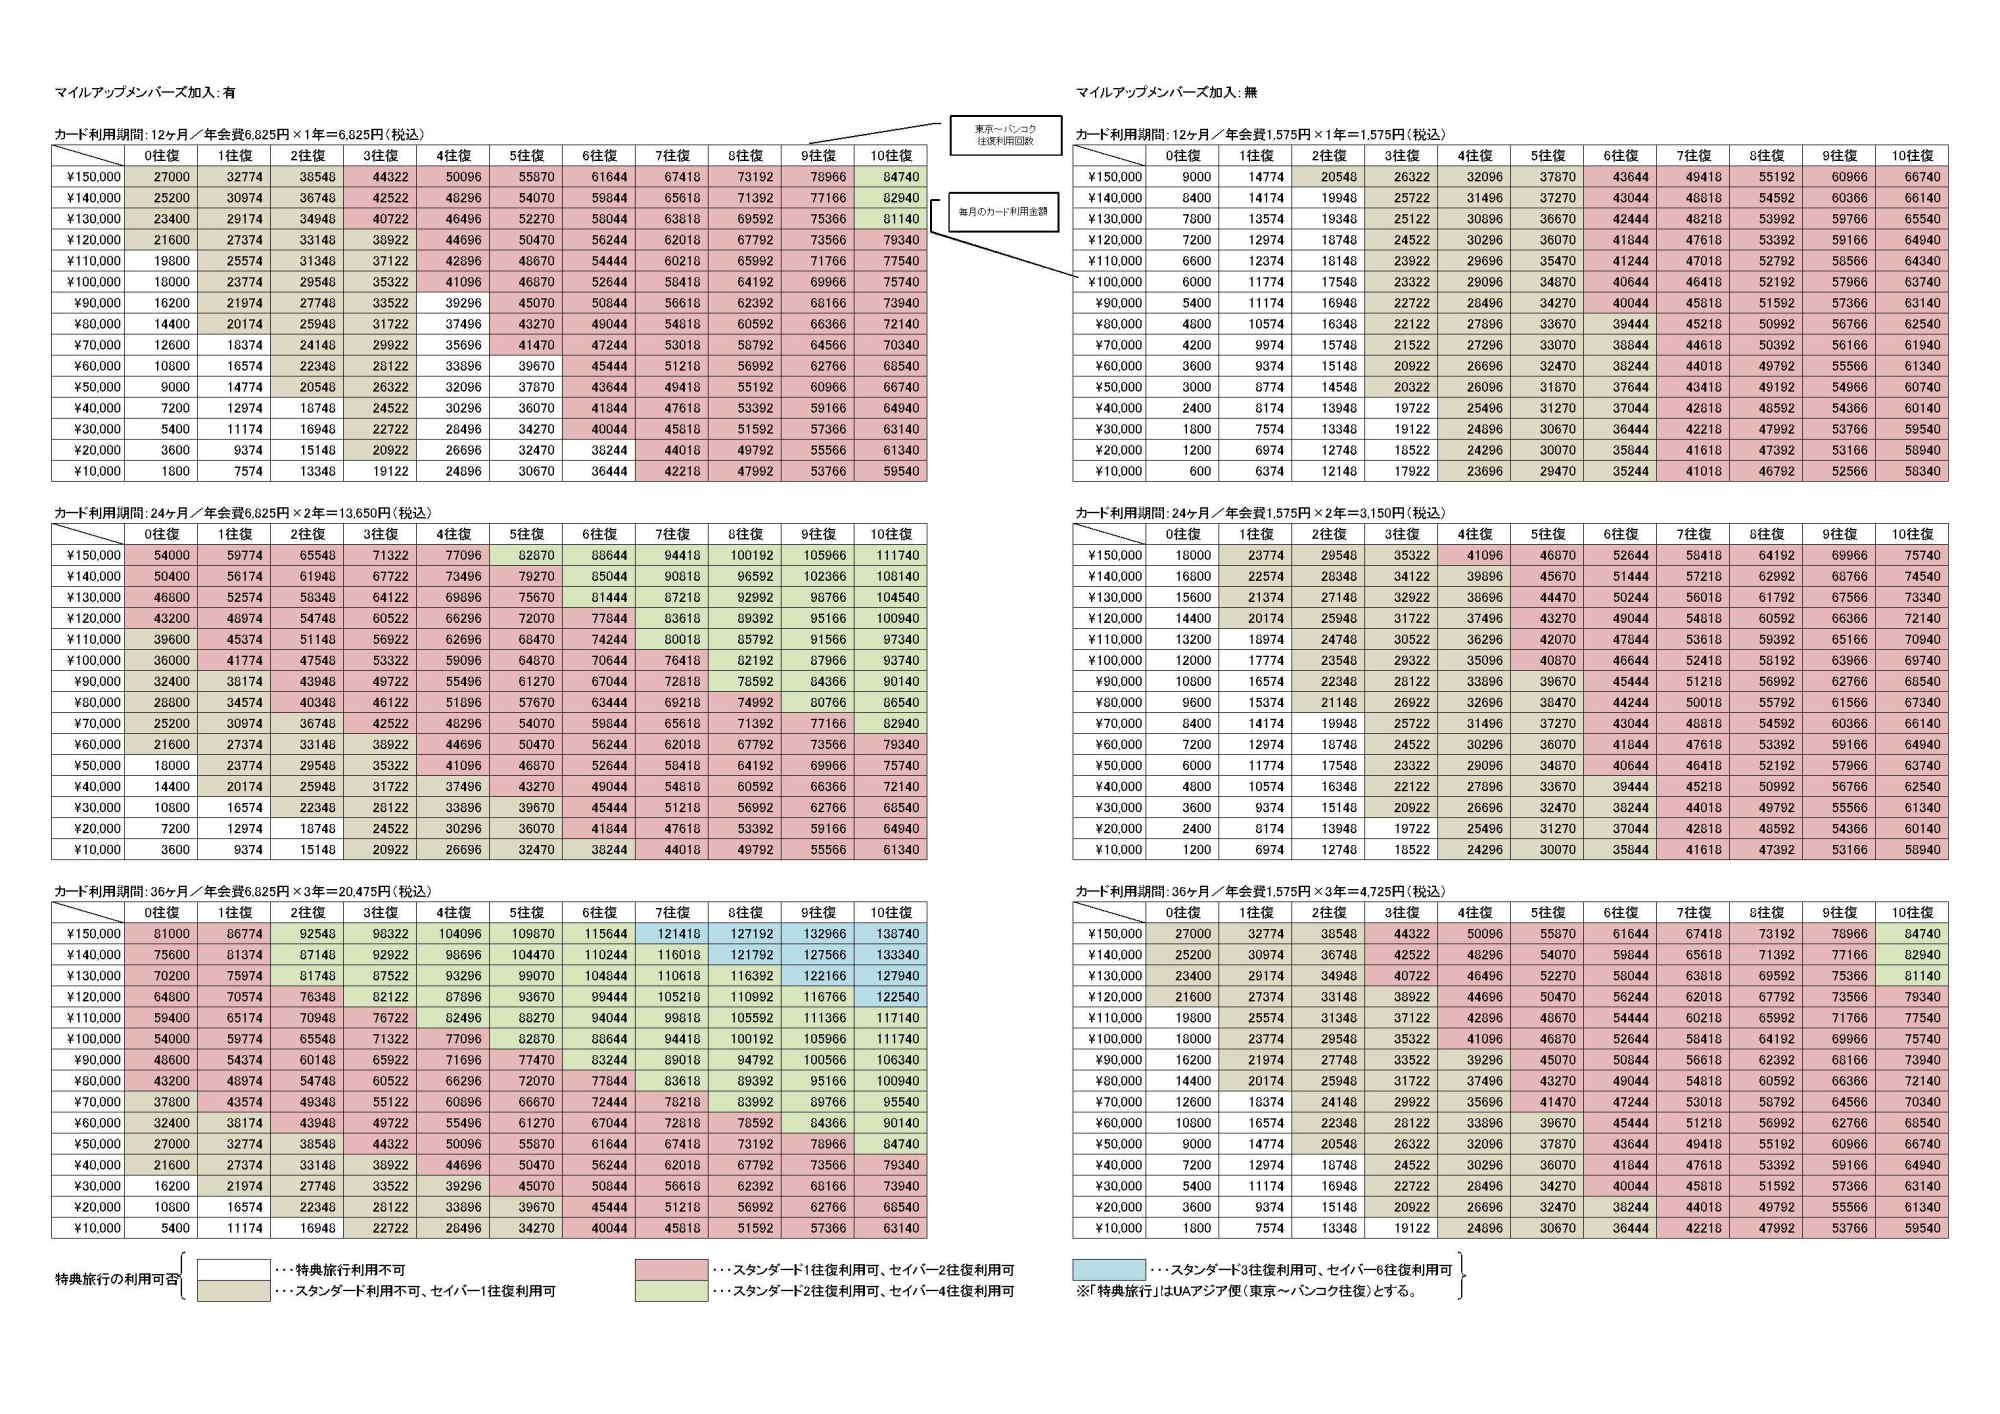 セゾンUAカードのマイレージ特典旅行で効率よくバンコクへ行く方法(換算表あり)_b0061717_027148.jpg